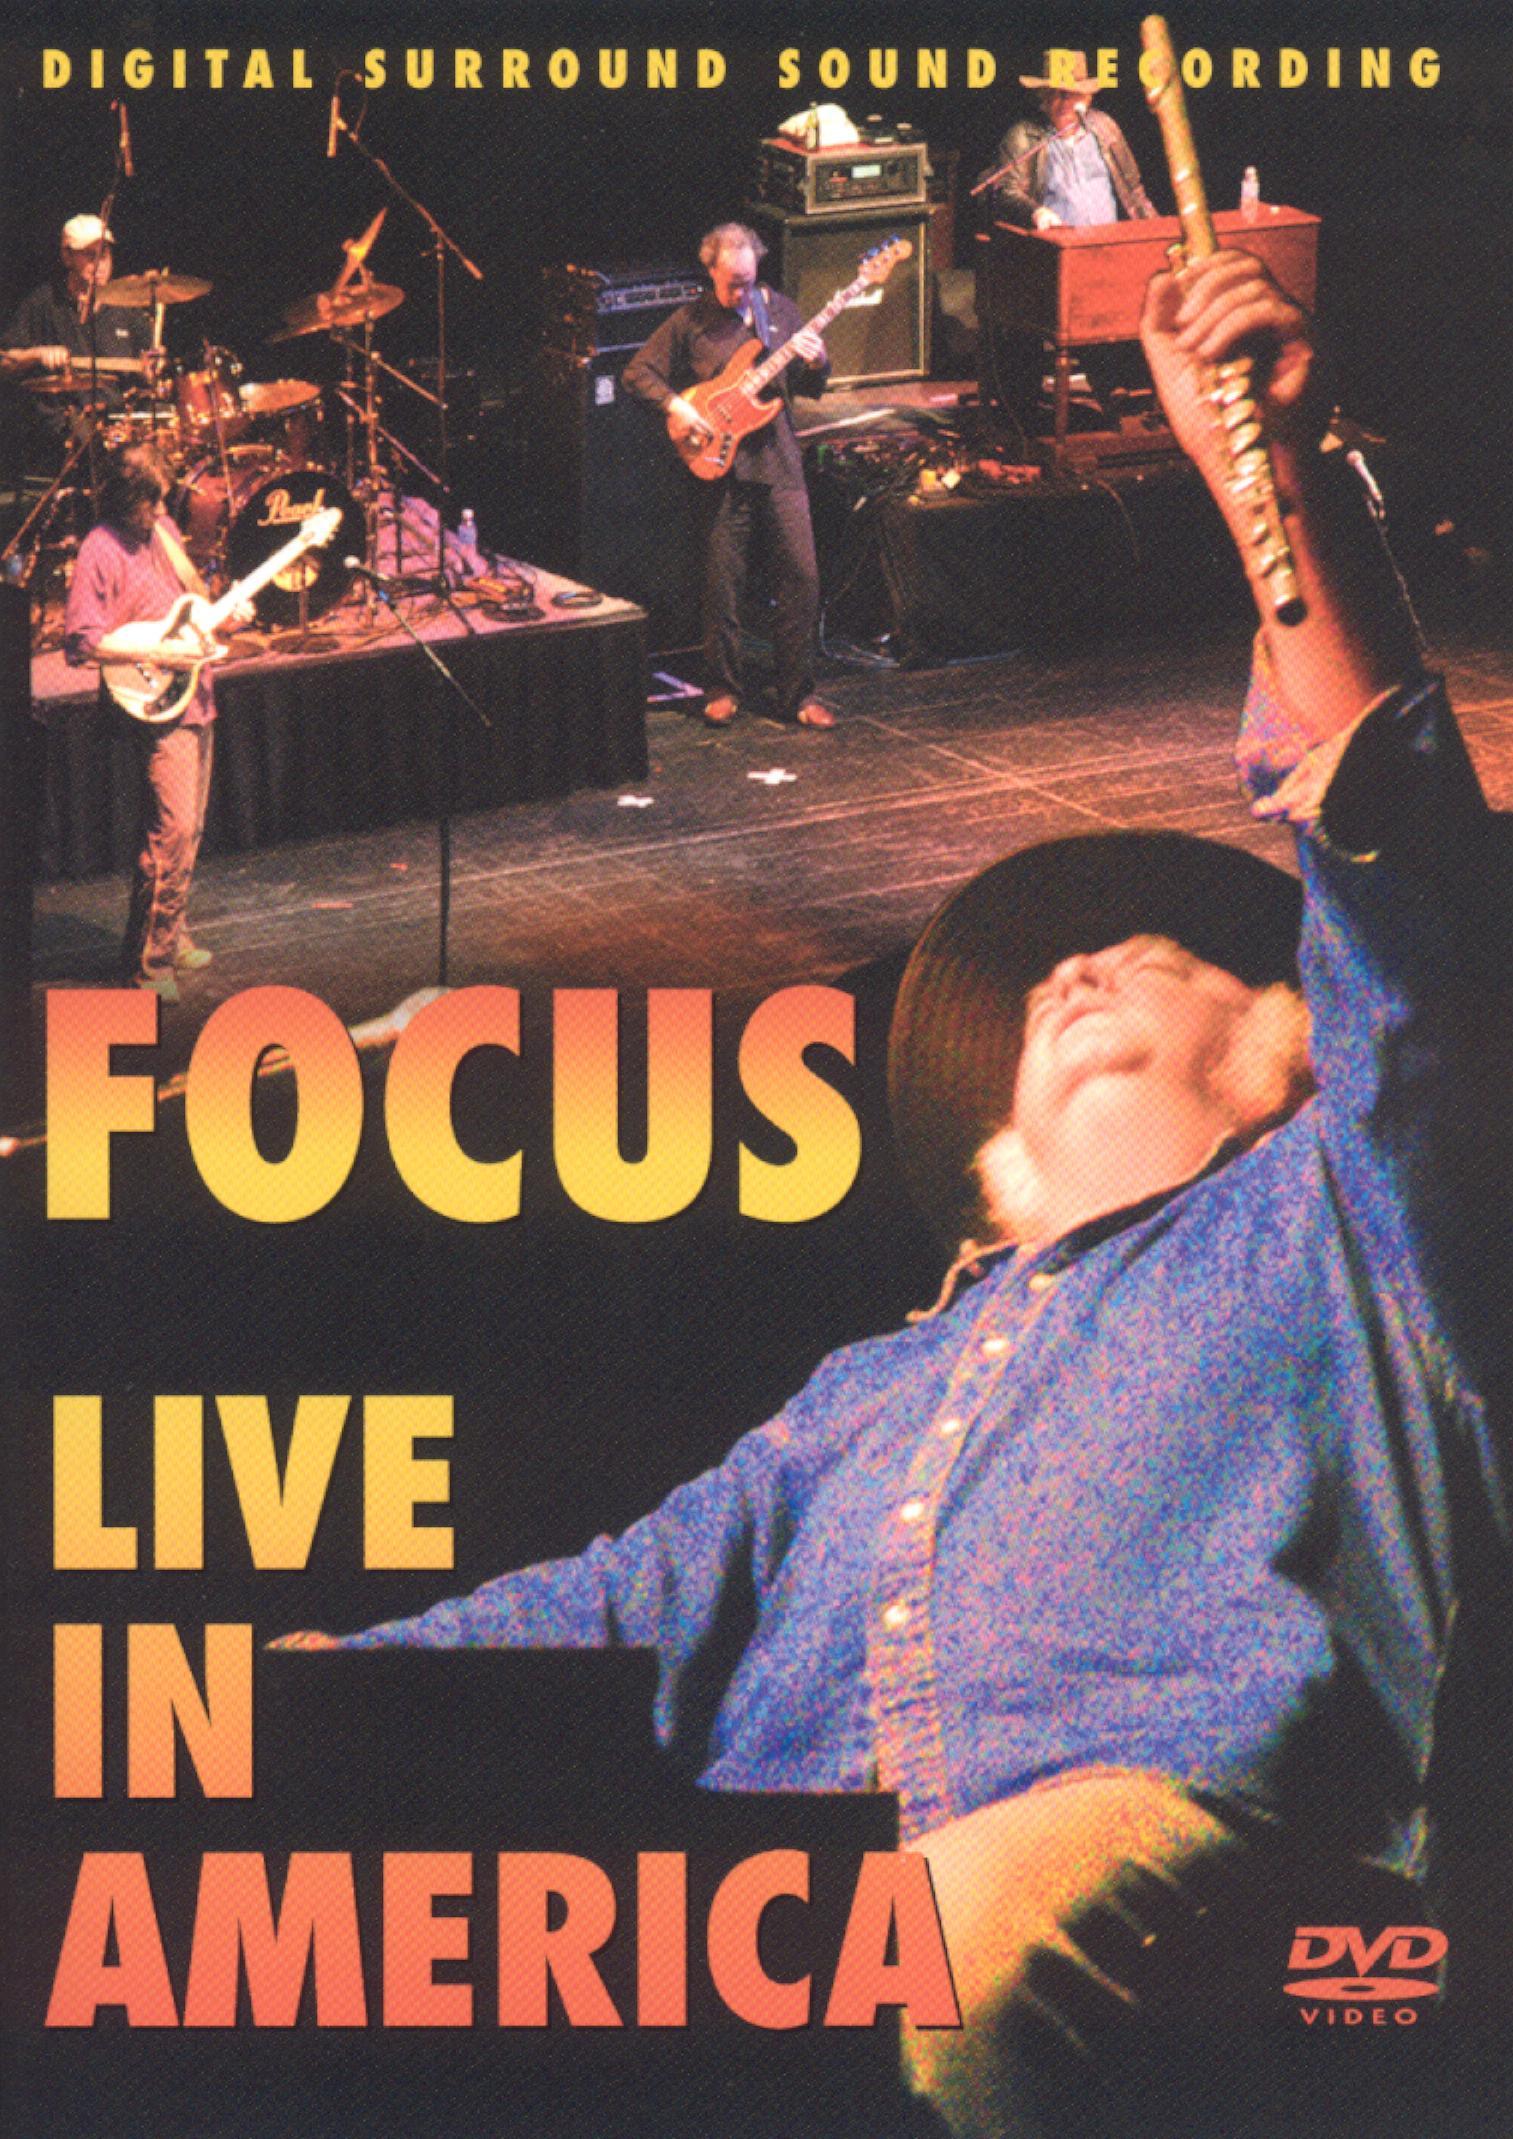 Focus: Live in America